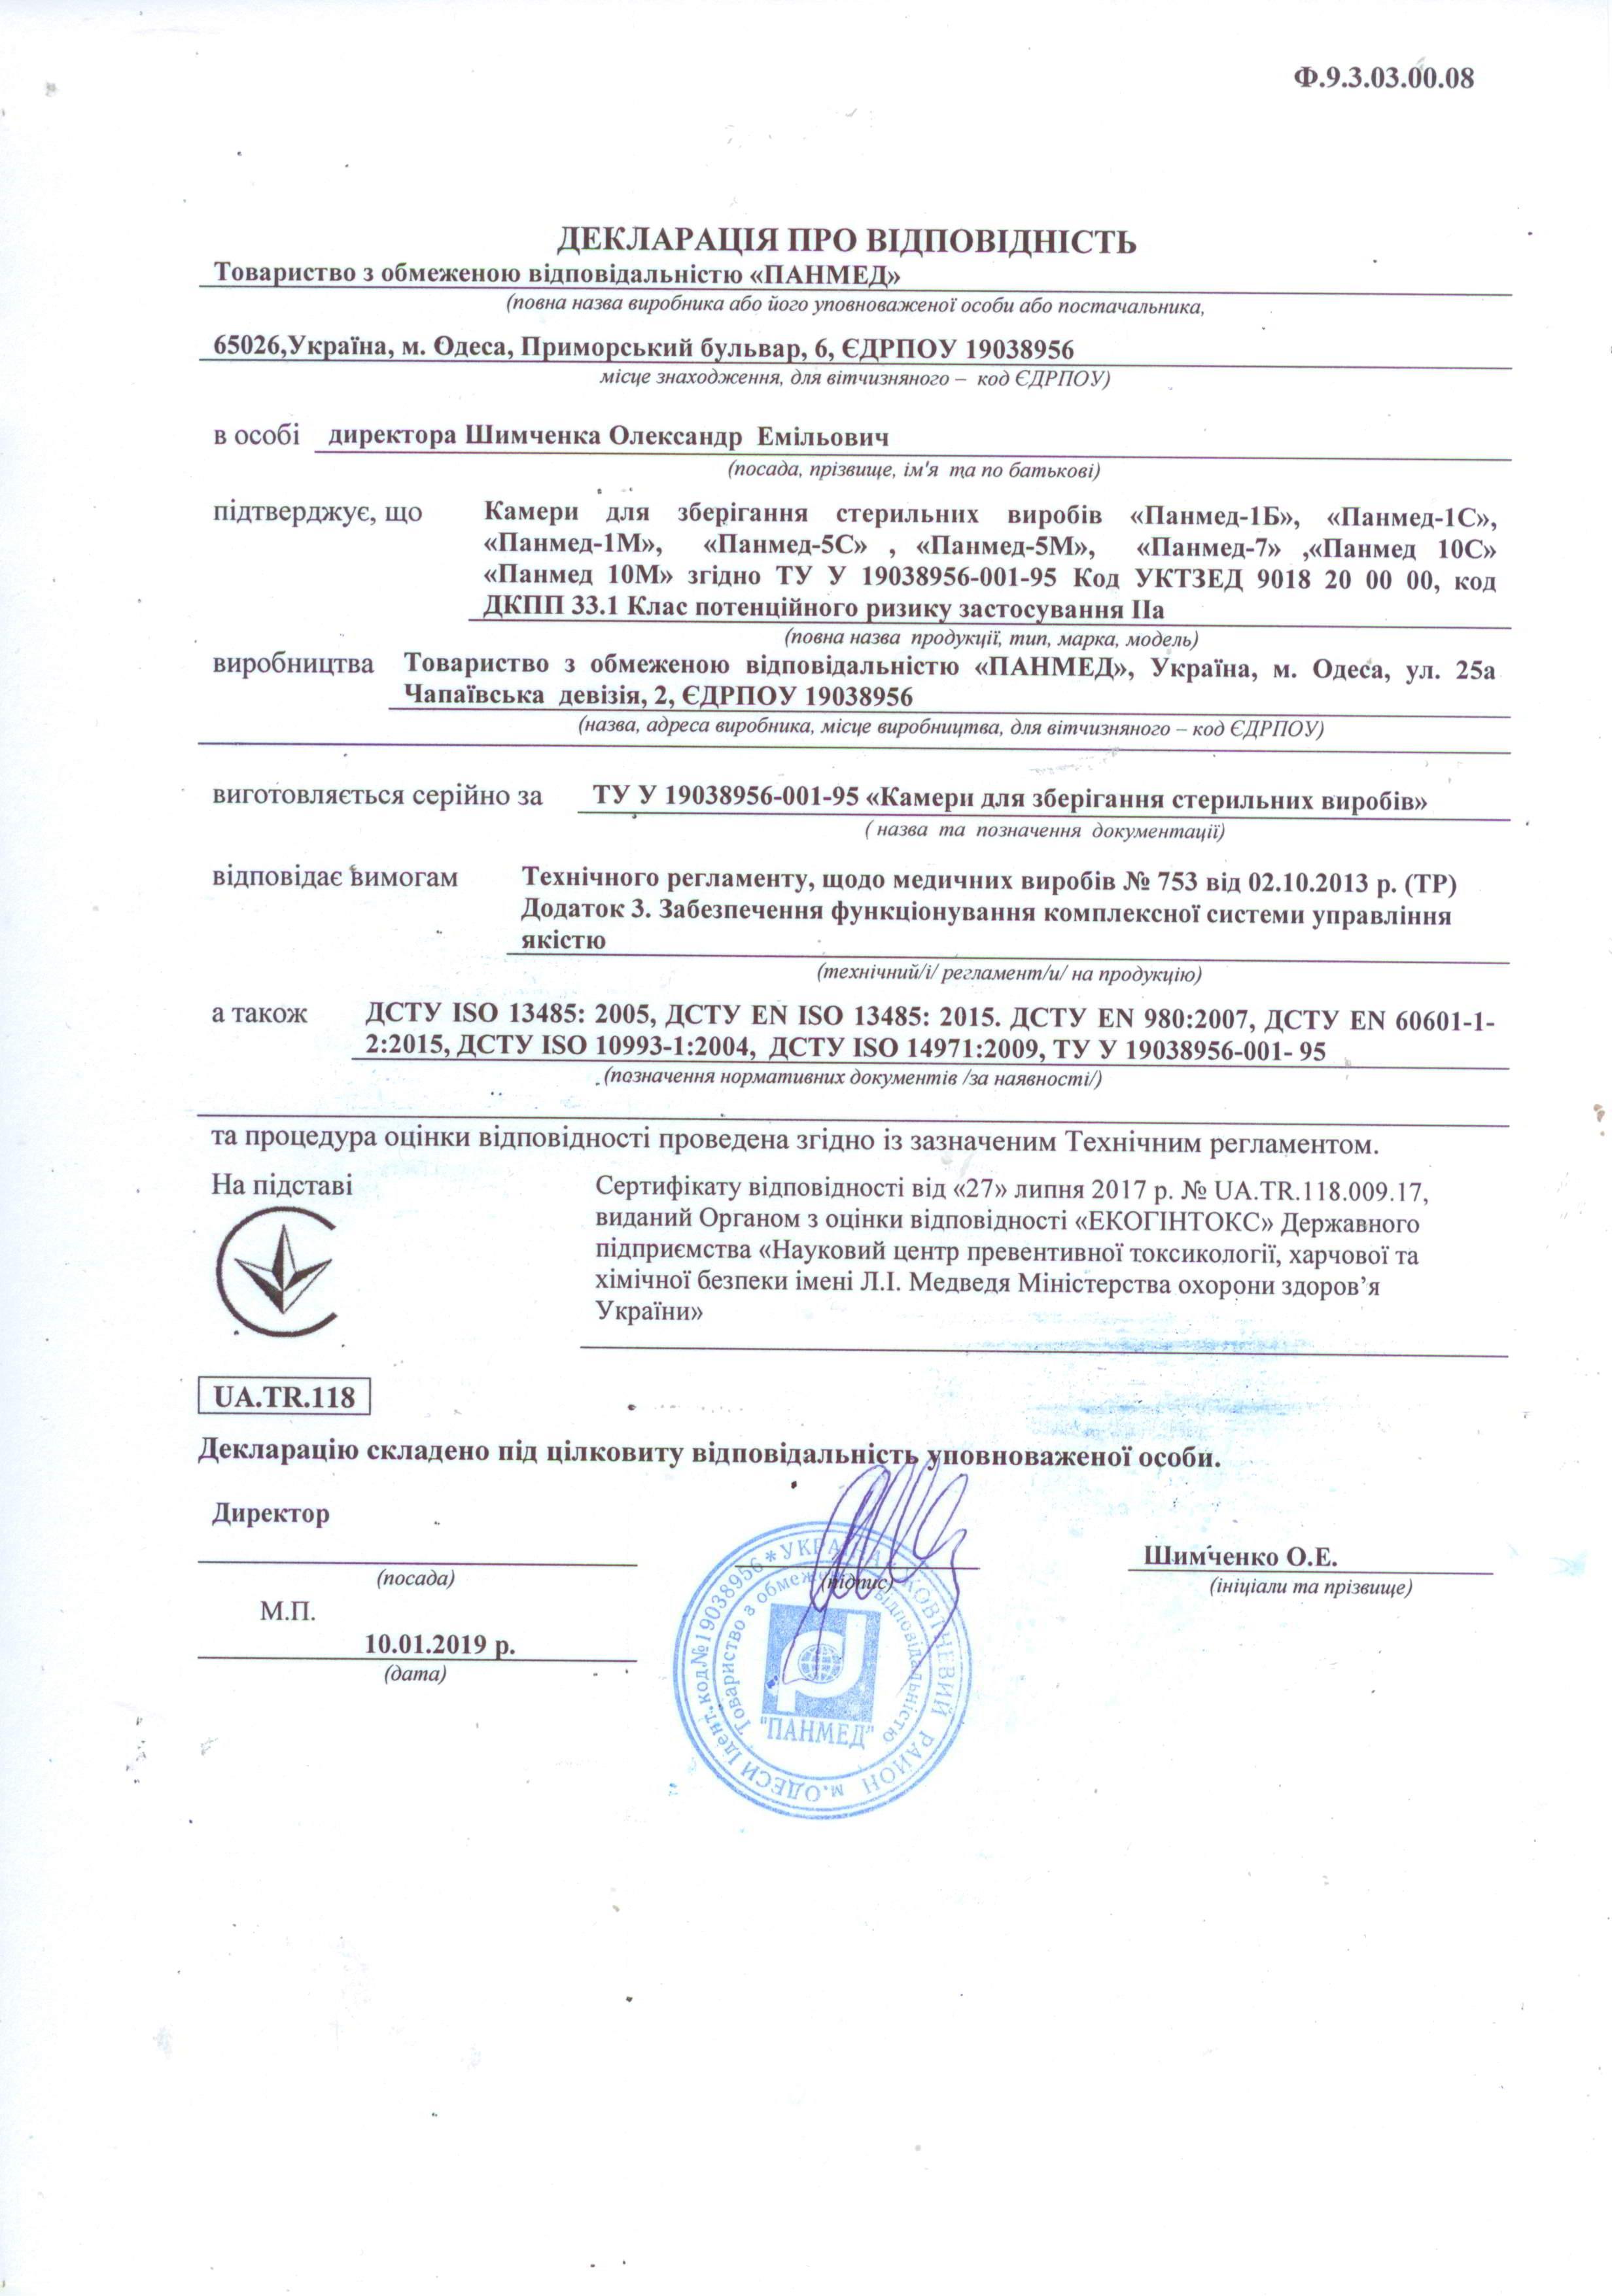 Декларація про відповідність на камери для зберігання стерильних виробів